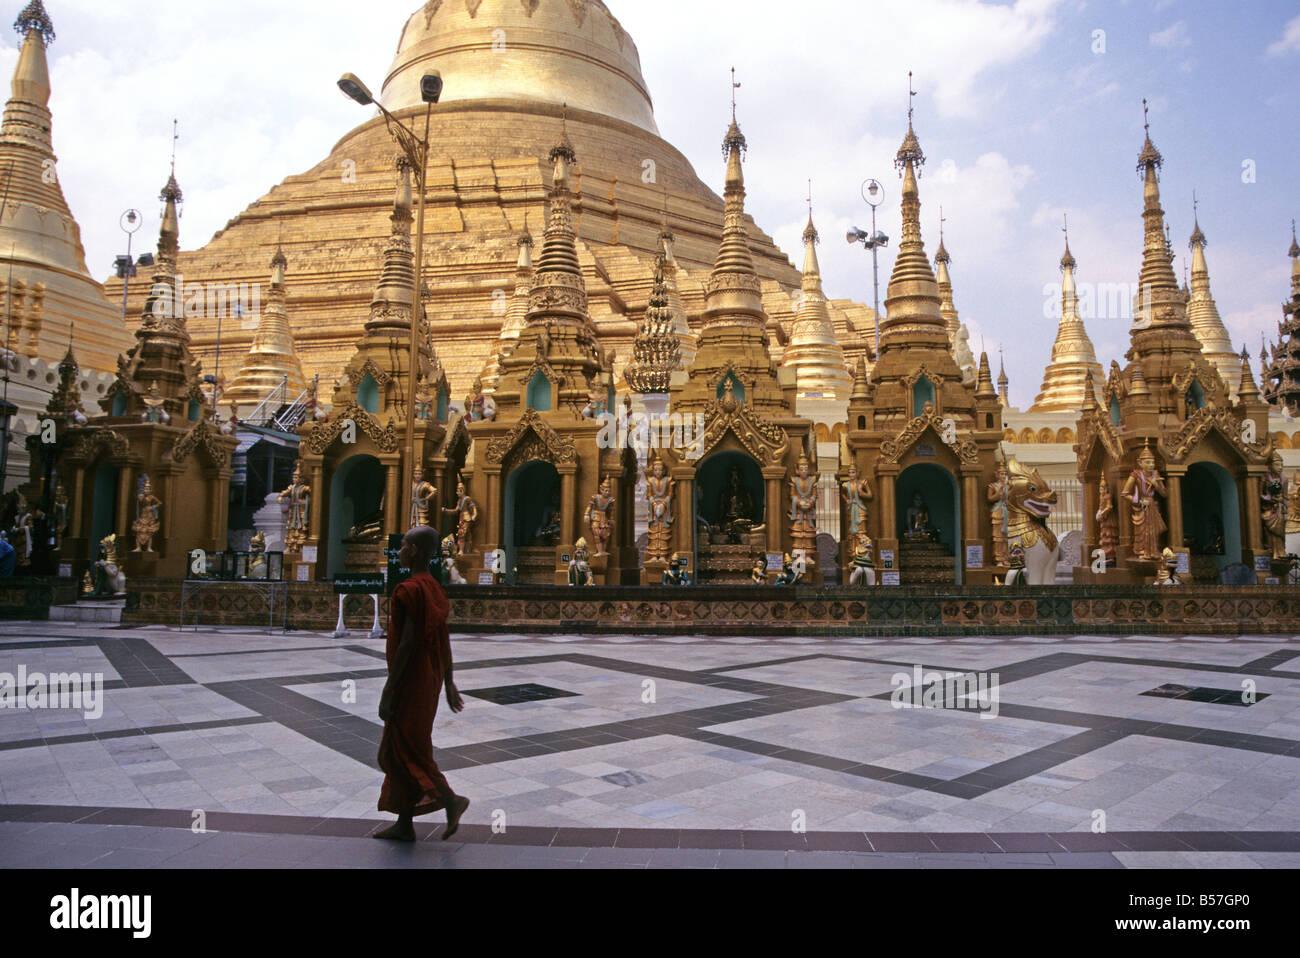 Einsamer Mönch auf Marmor Bereich vor goldenen Shwedagon-Pagode, Yangon, Myanmar (Burma), Südost-Asien Stockfoto